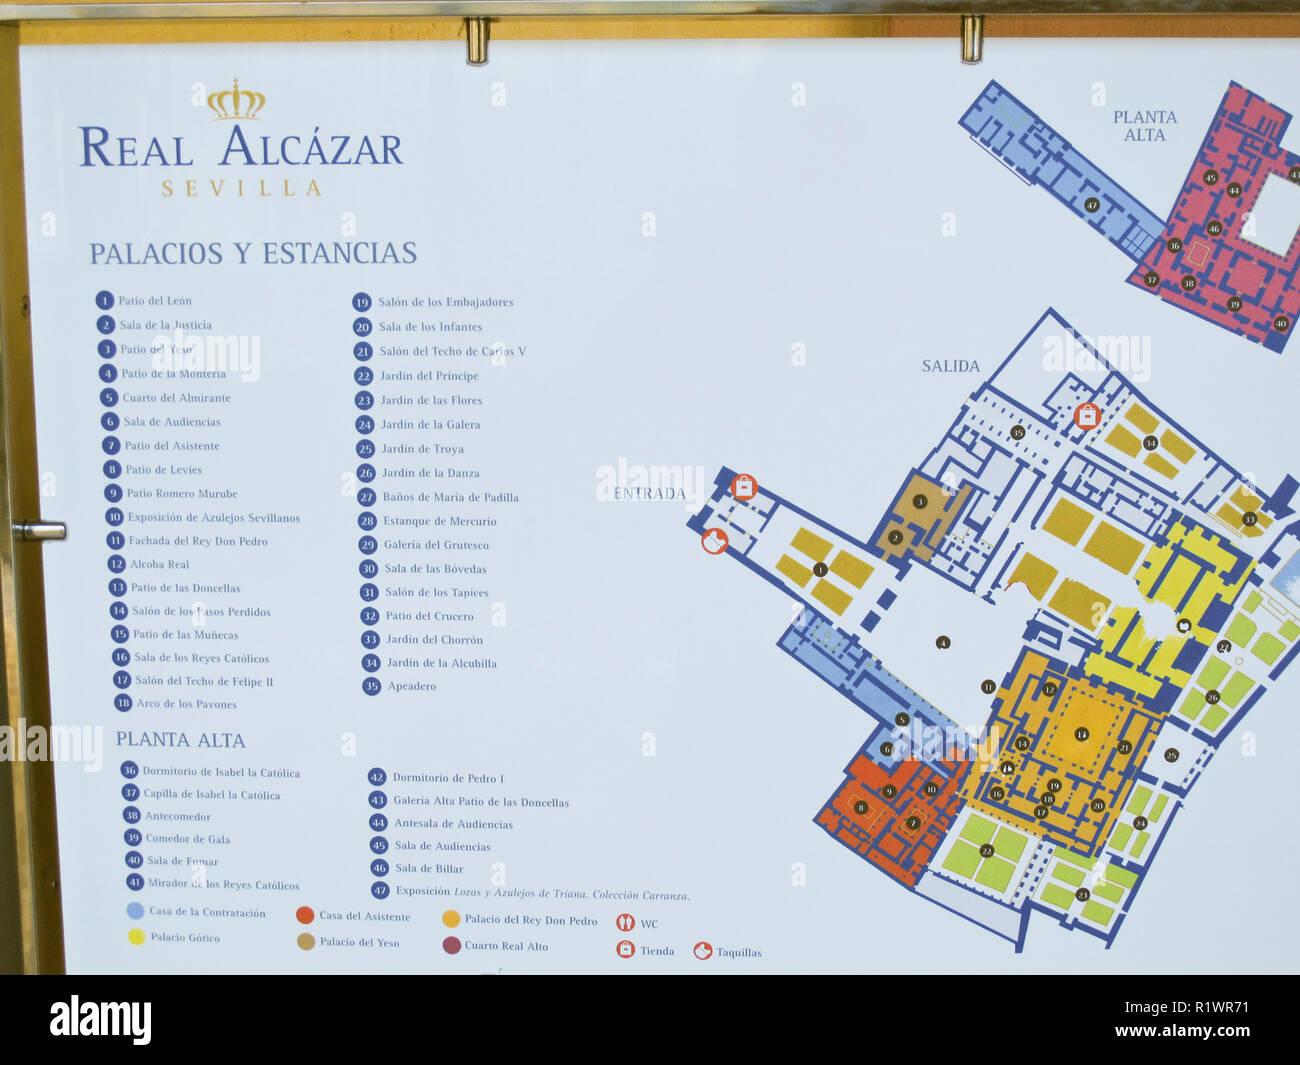 Karte Von Andalusien Spanien.Real Alcazar Karte Sevilla Andalusien Spanien Stockfoto Bild